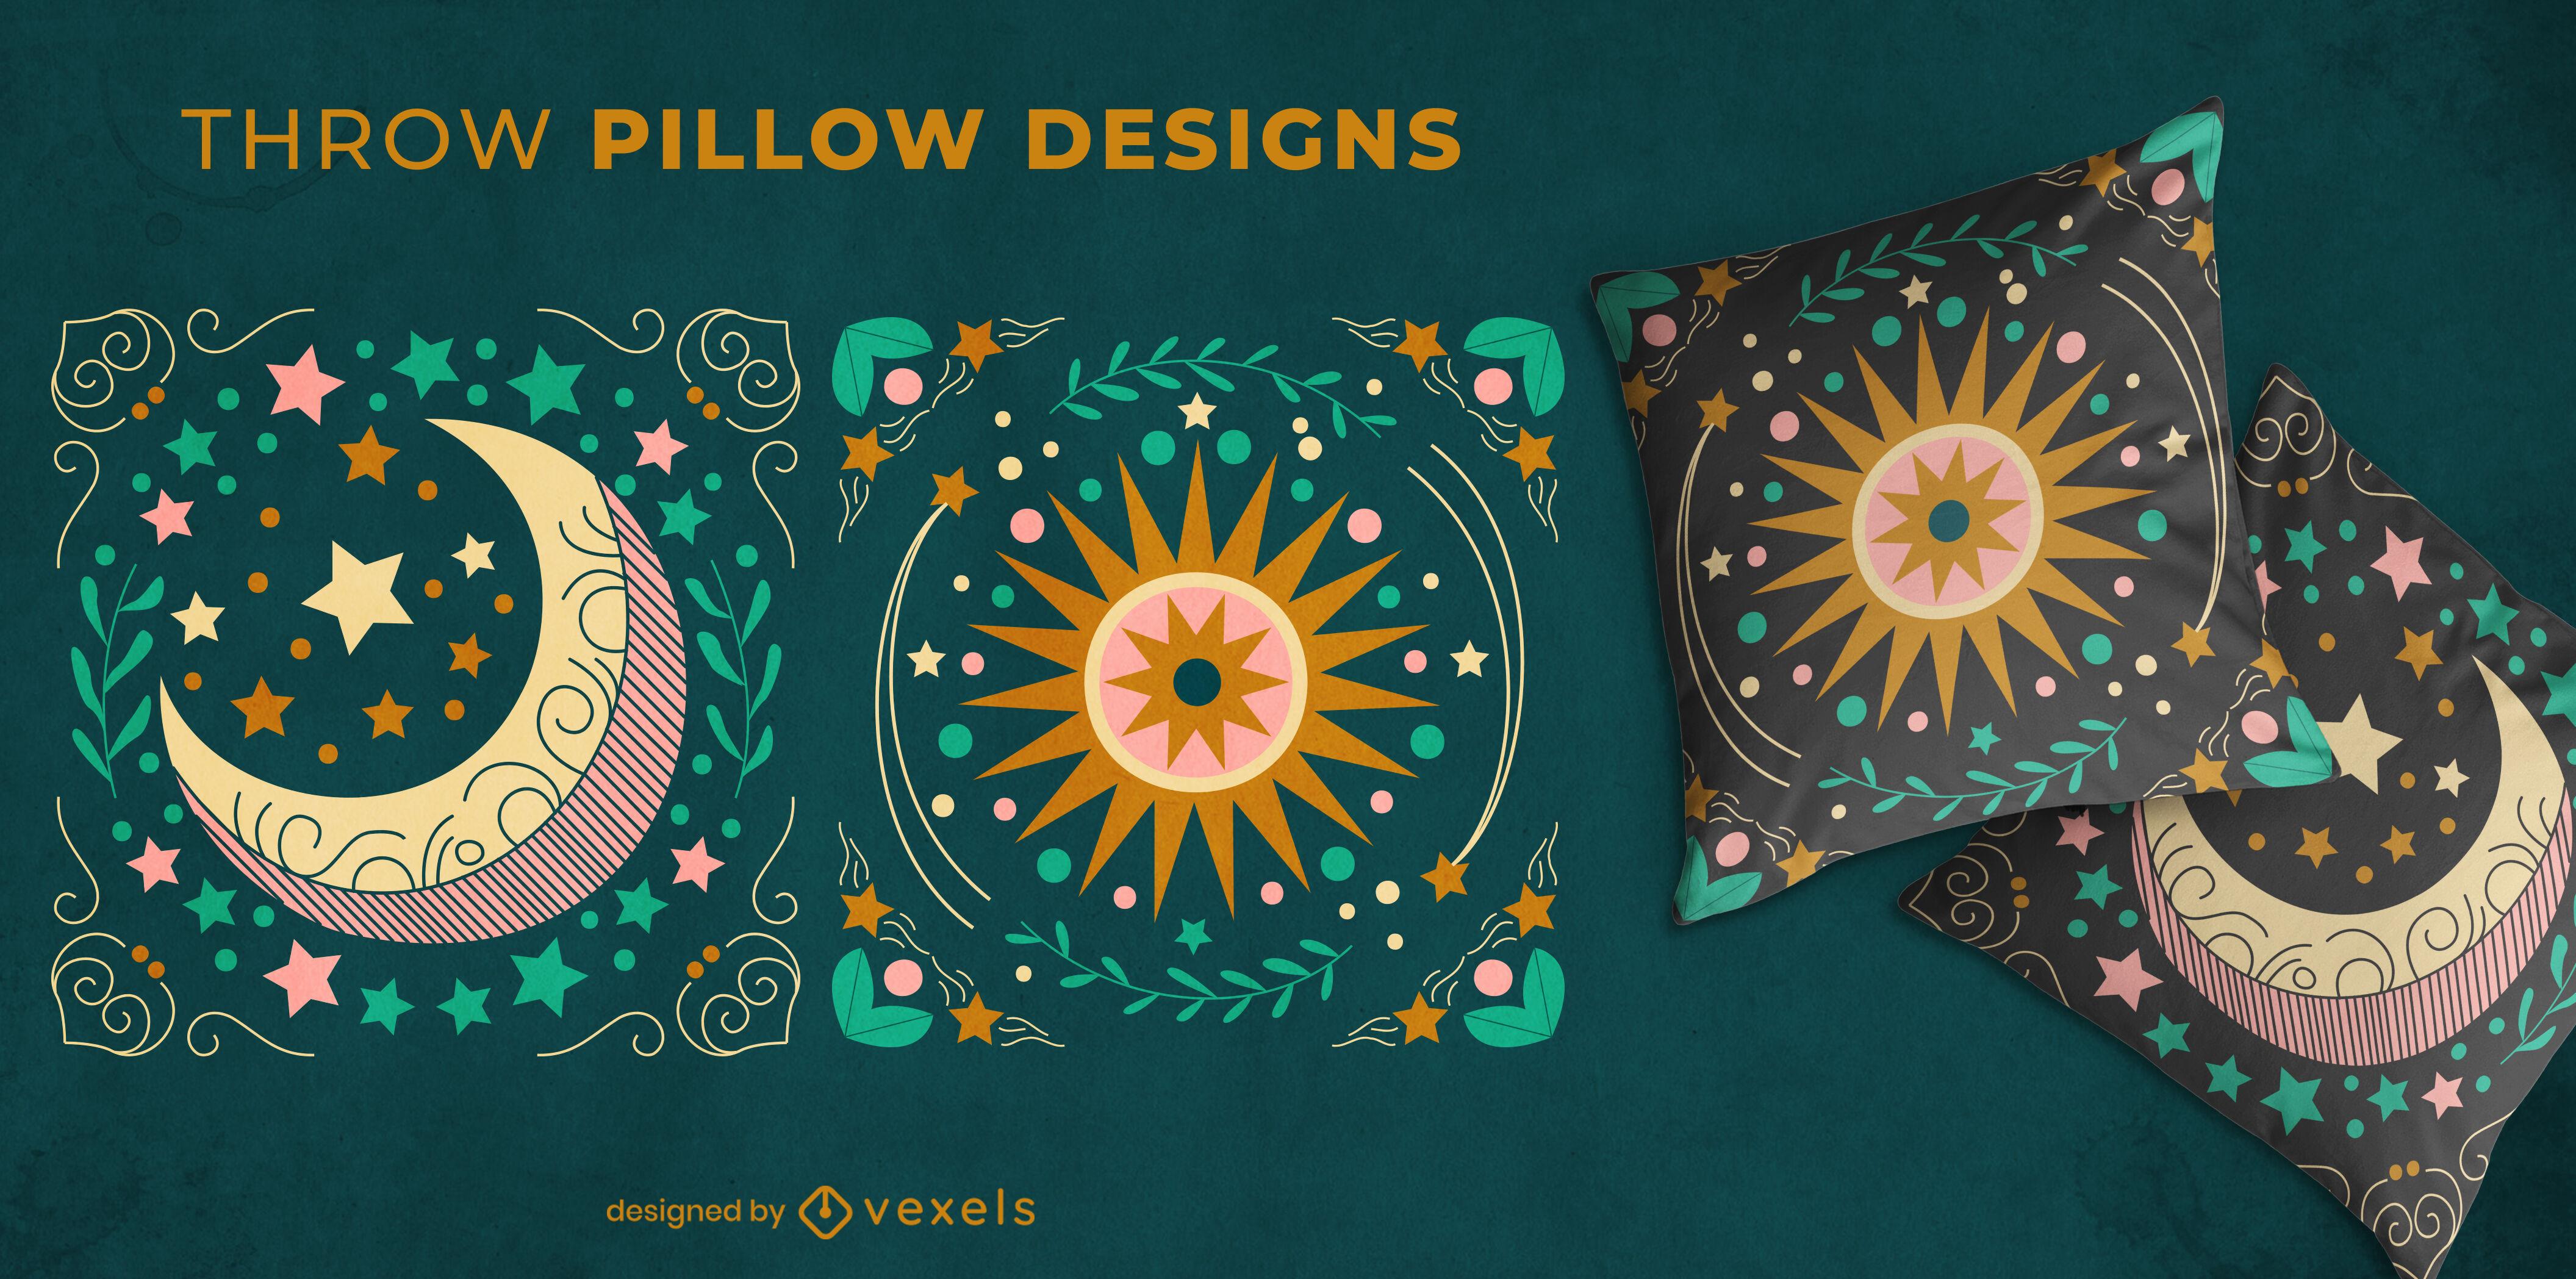 Diseño de almohada de tiro naturaleza luna y sol.